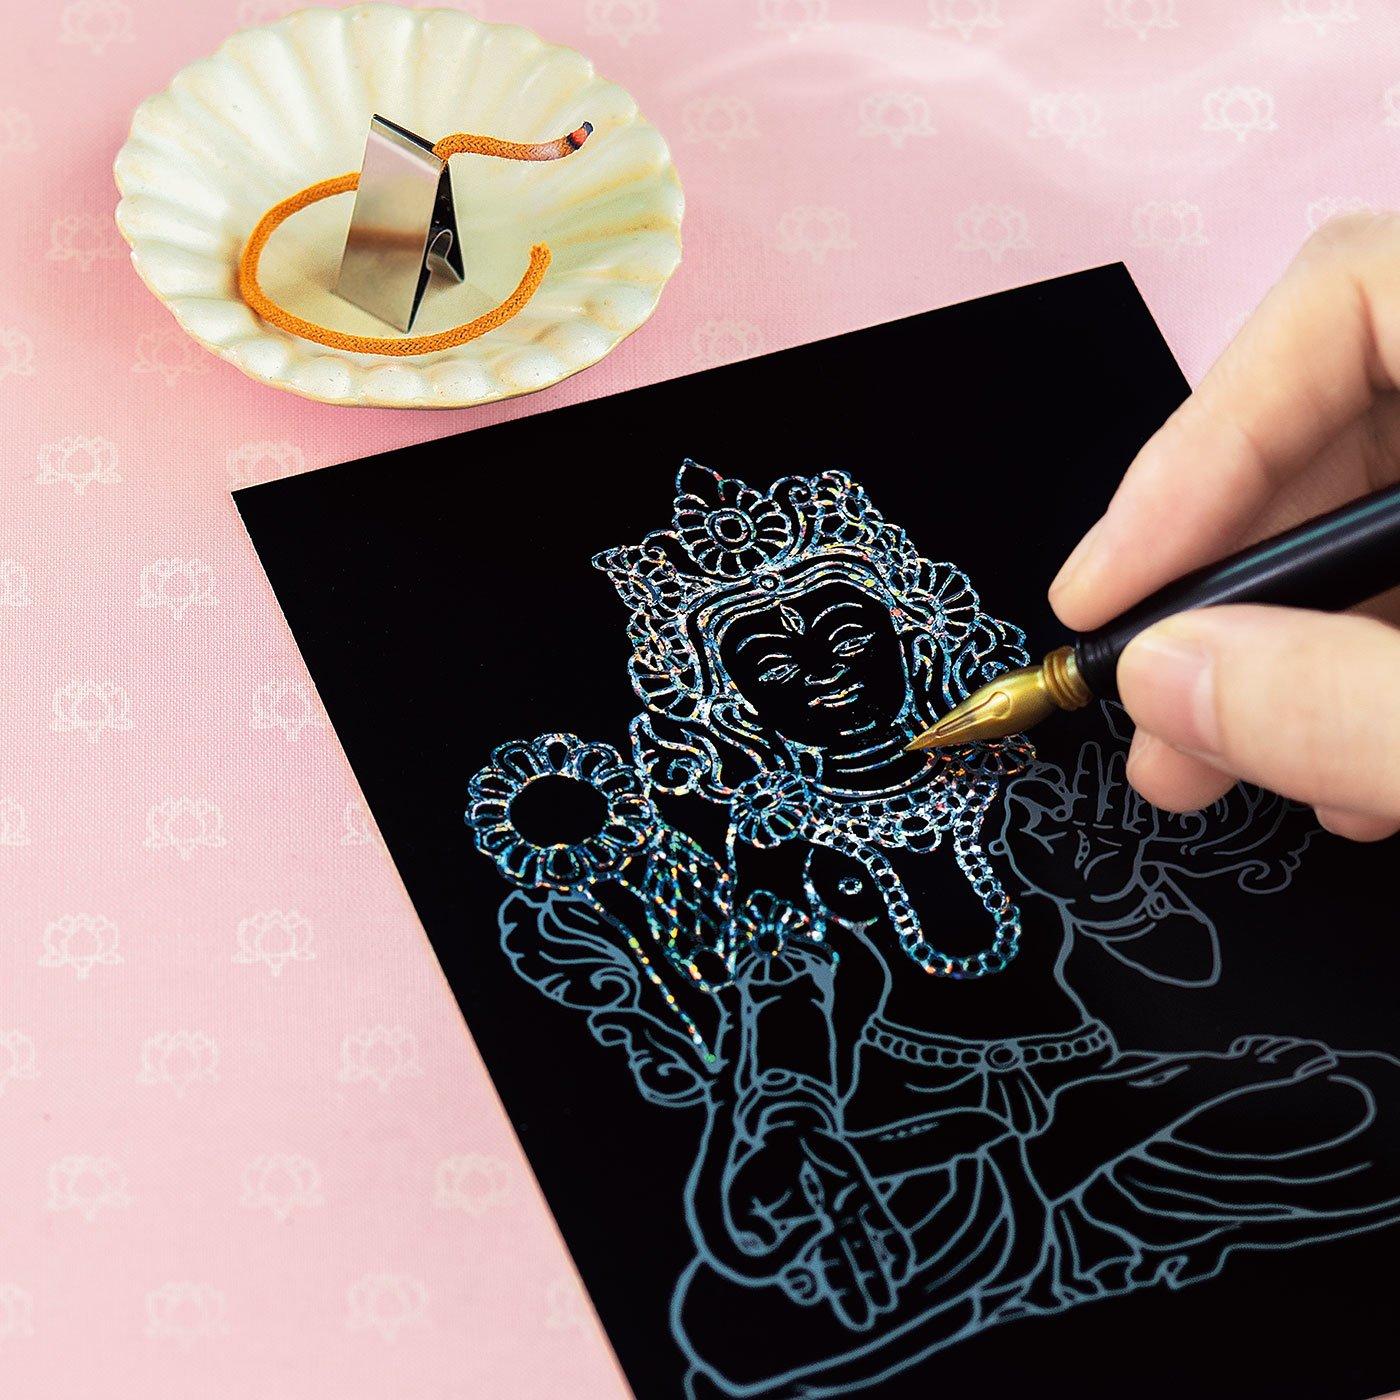 フェリシモのミニツク「おてらぶ スクラッチアート 削仏プログラム」楽しい